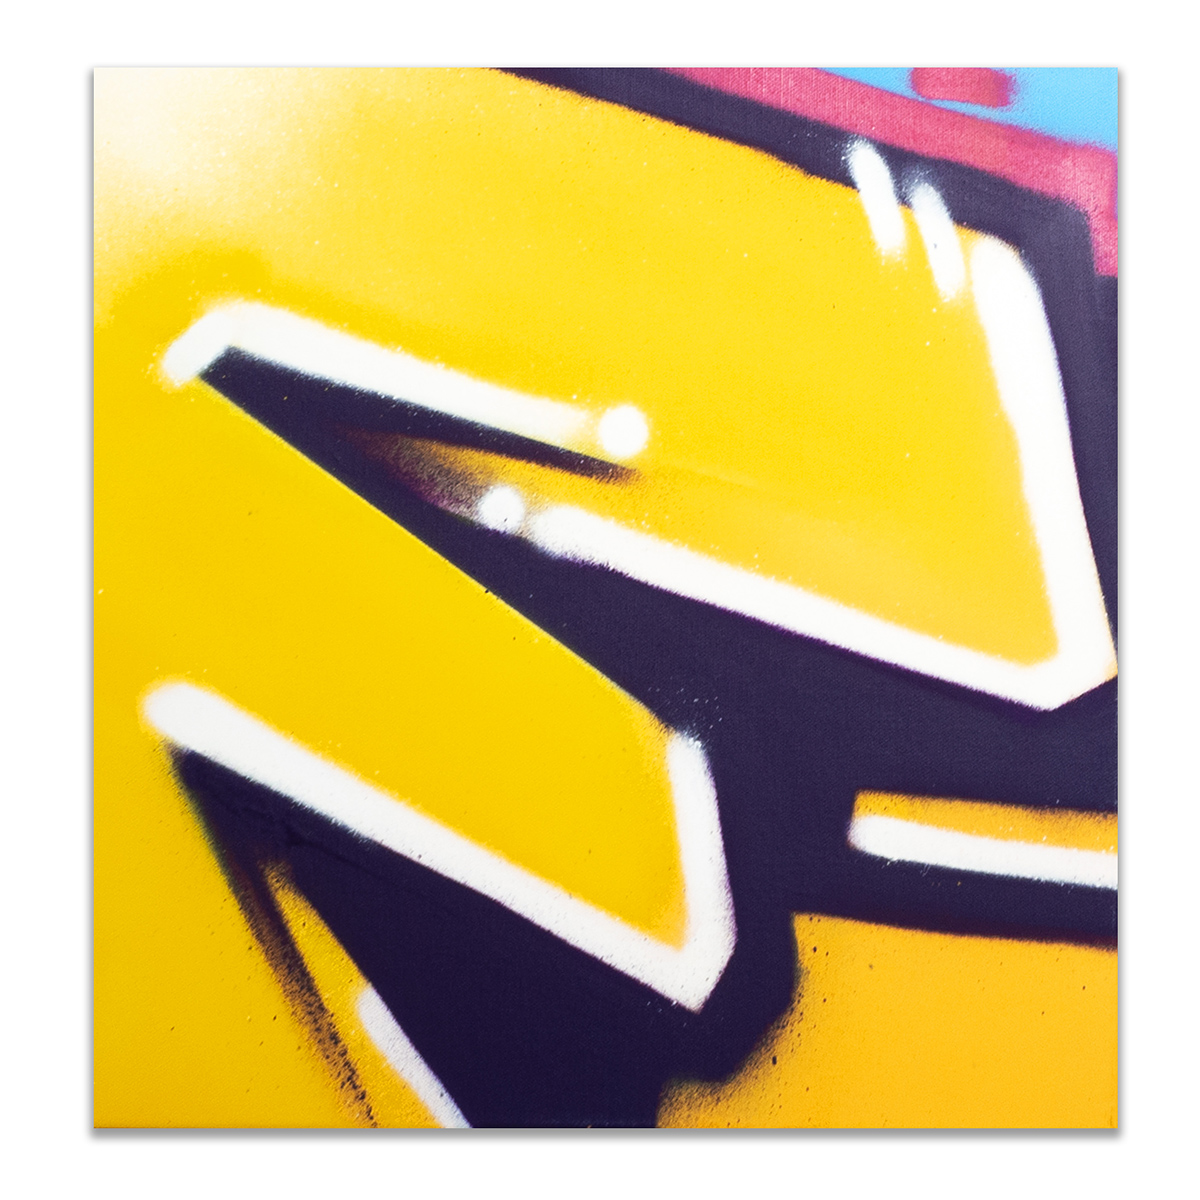 Dean-Extraction-3-golden-galerie